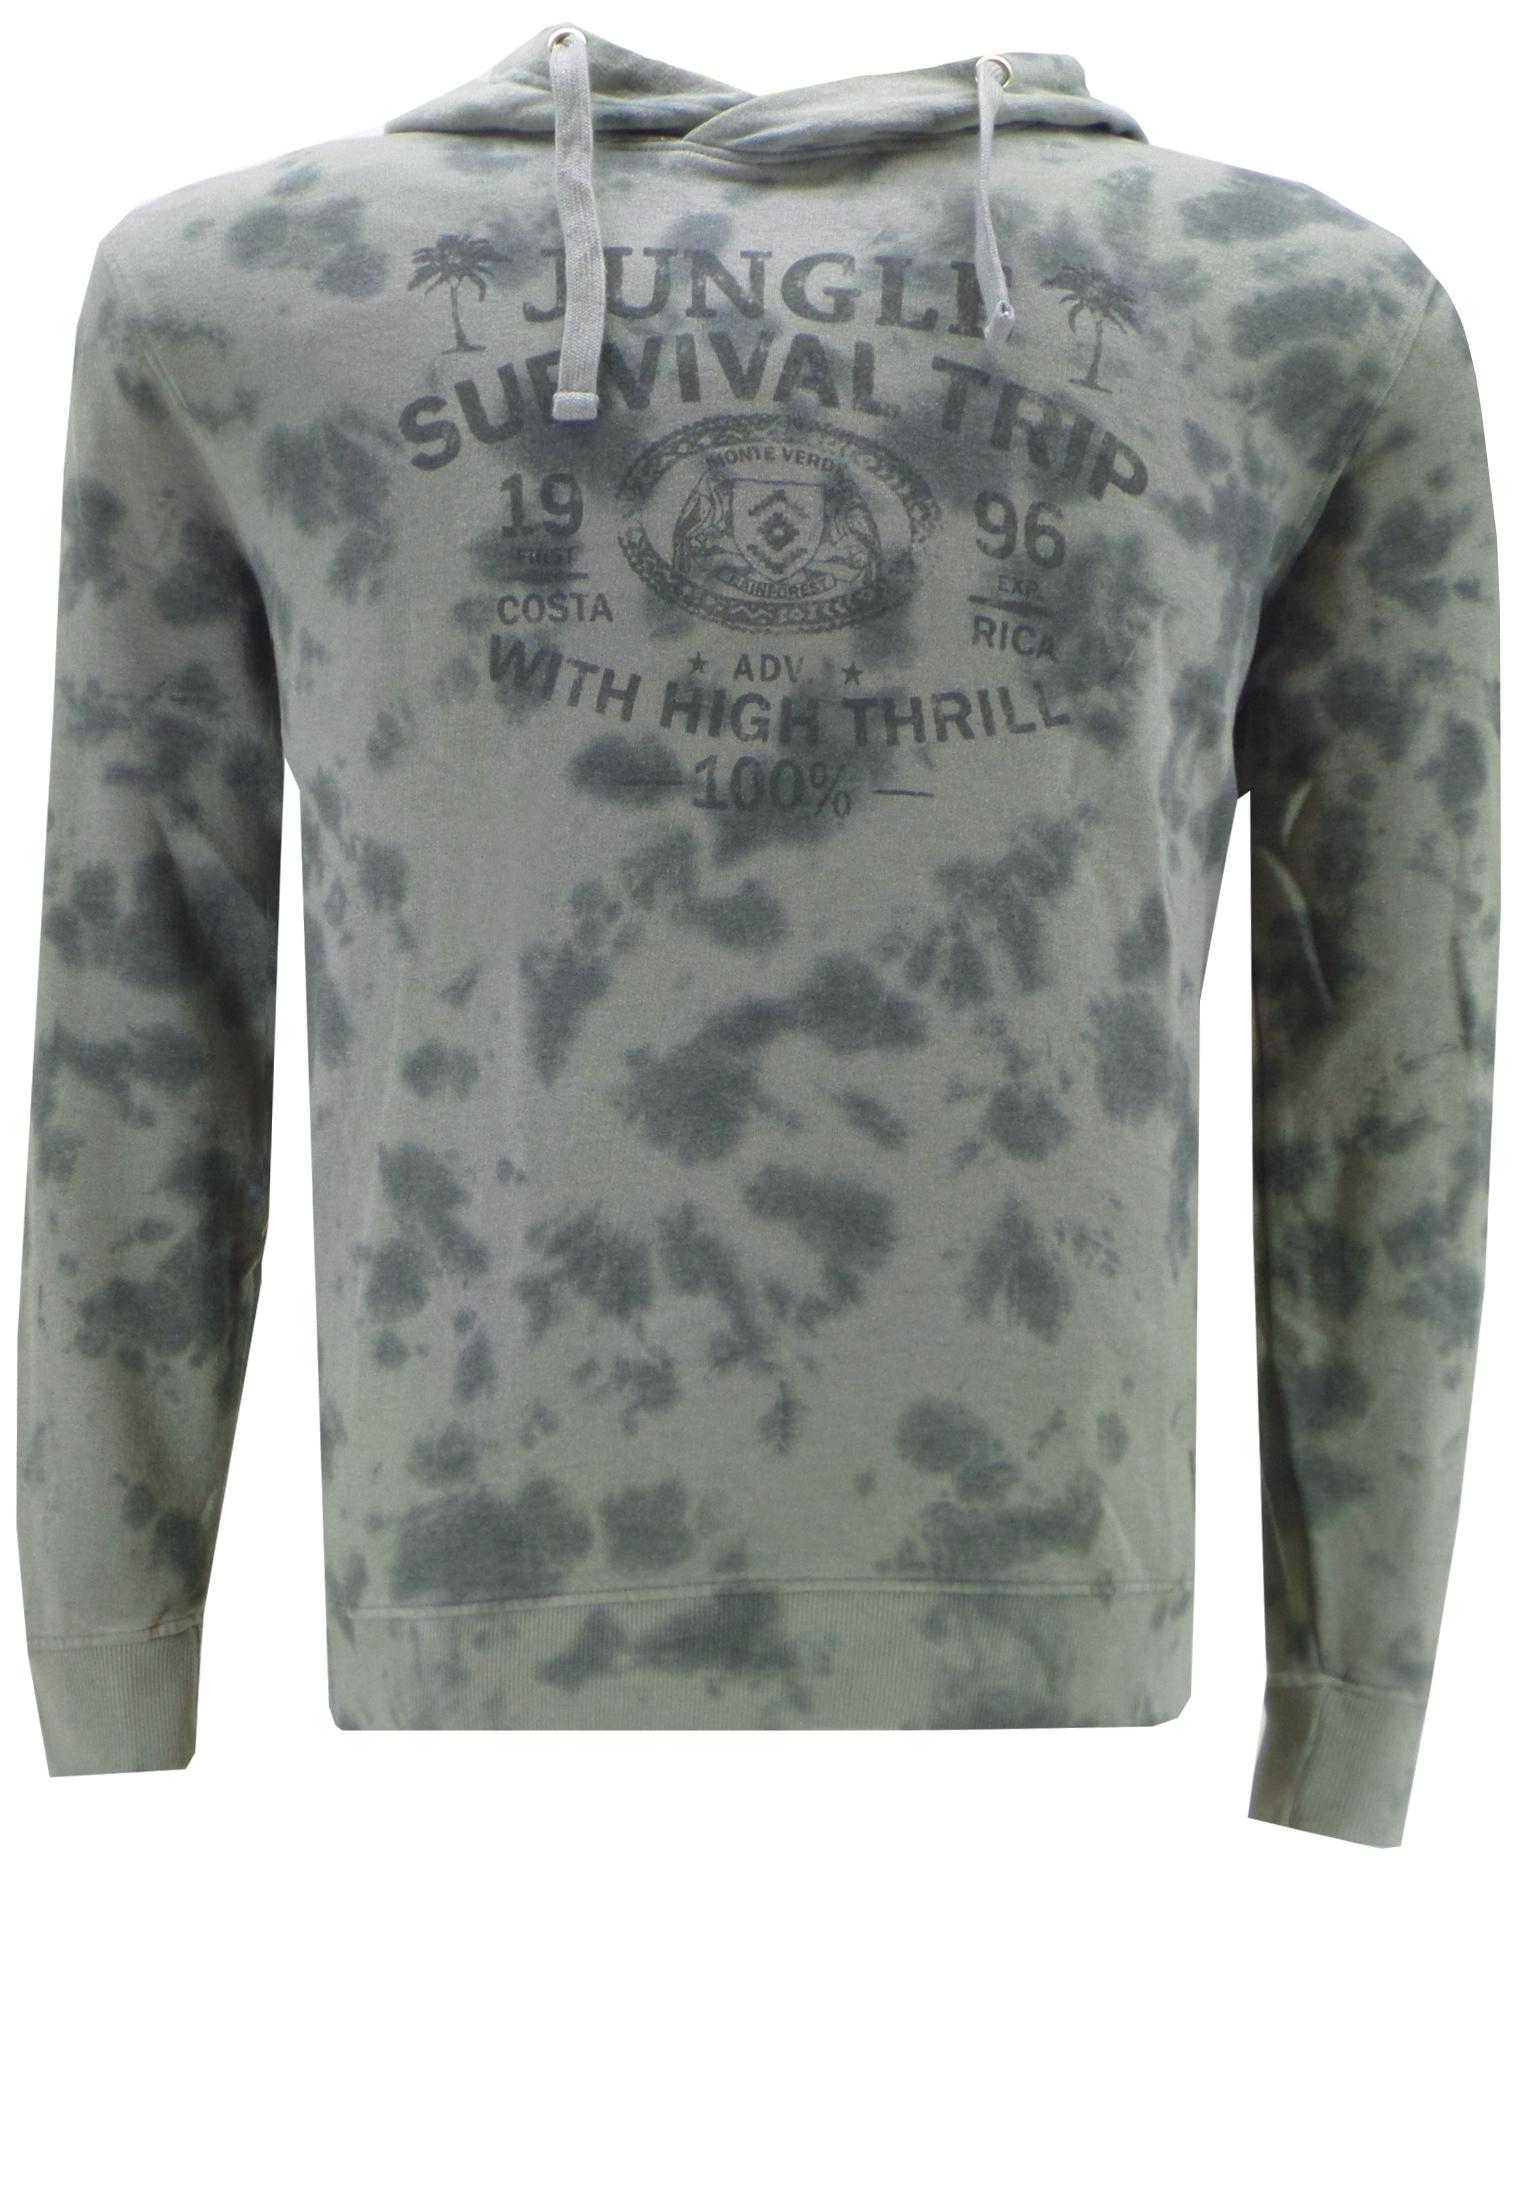 Houd u van hiken en buitensport dan is dit stoere en jeugdige sweatshirt met capuchon een must-have. De camouflage kleuren en print geven dit shirt net de juiste uitstraling.